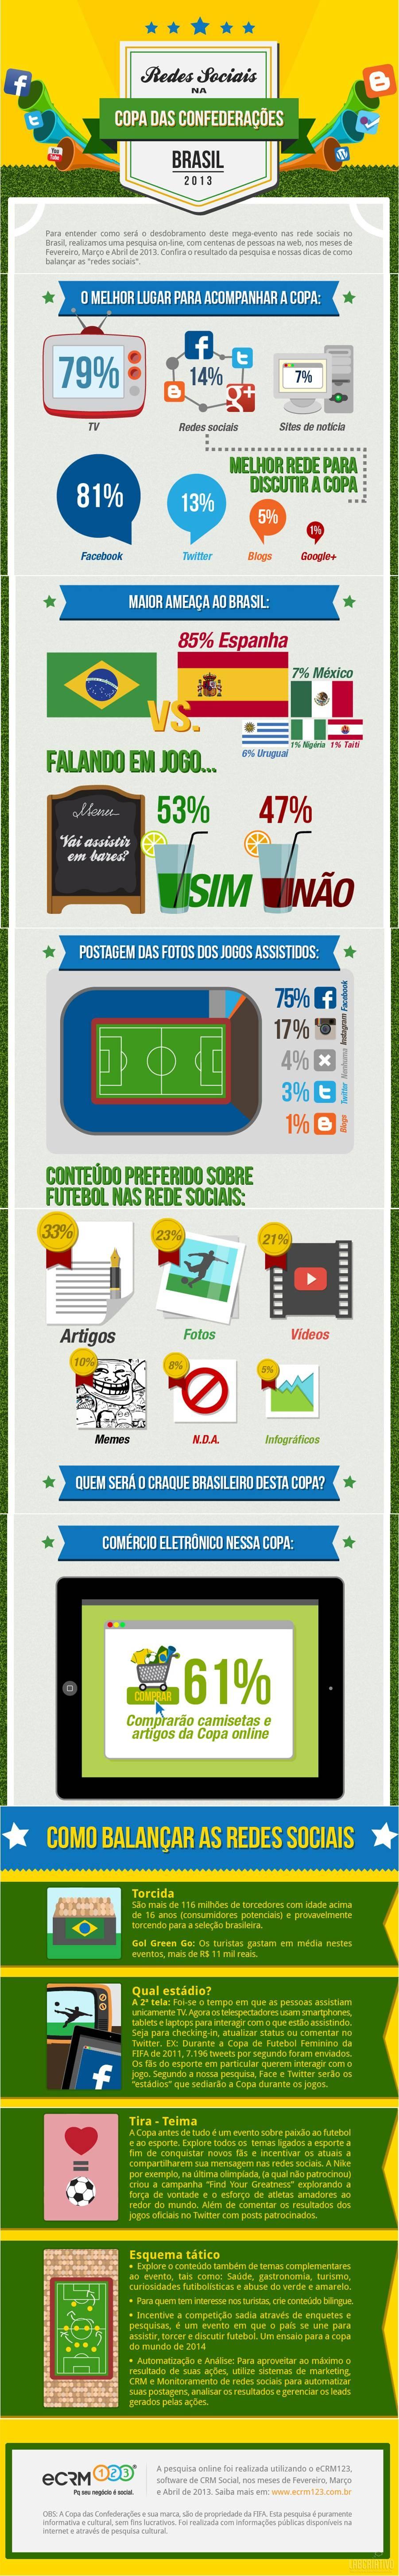 Infográfico - Redes Sociais na Copa das Confederações 2013